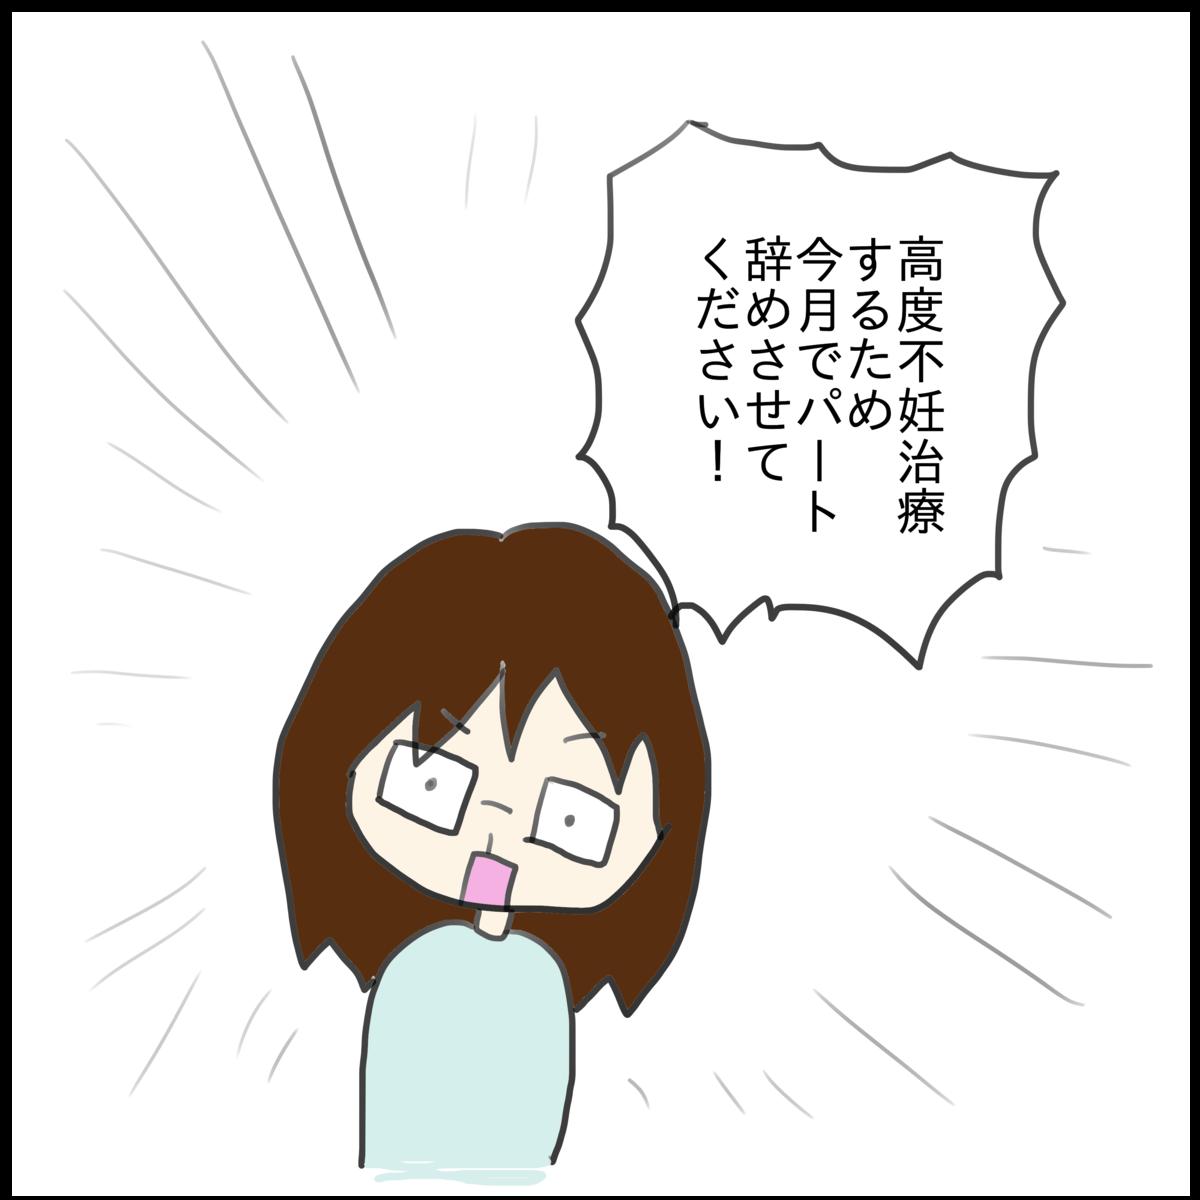 f:id:usuisachiyo28:20190710112621p:plain